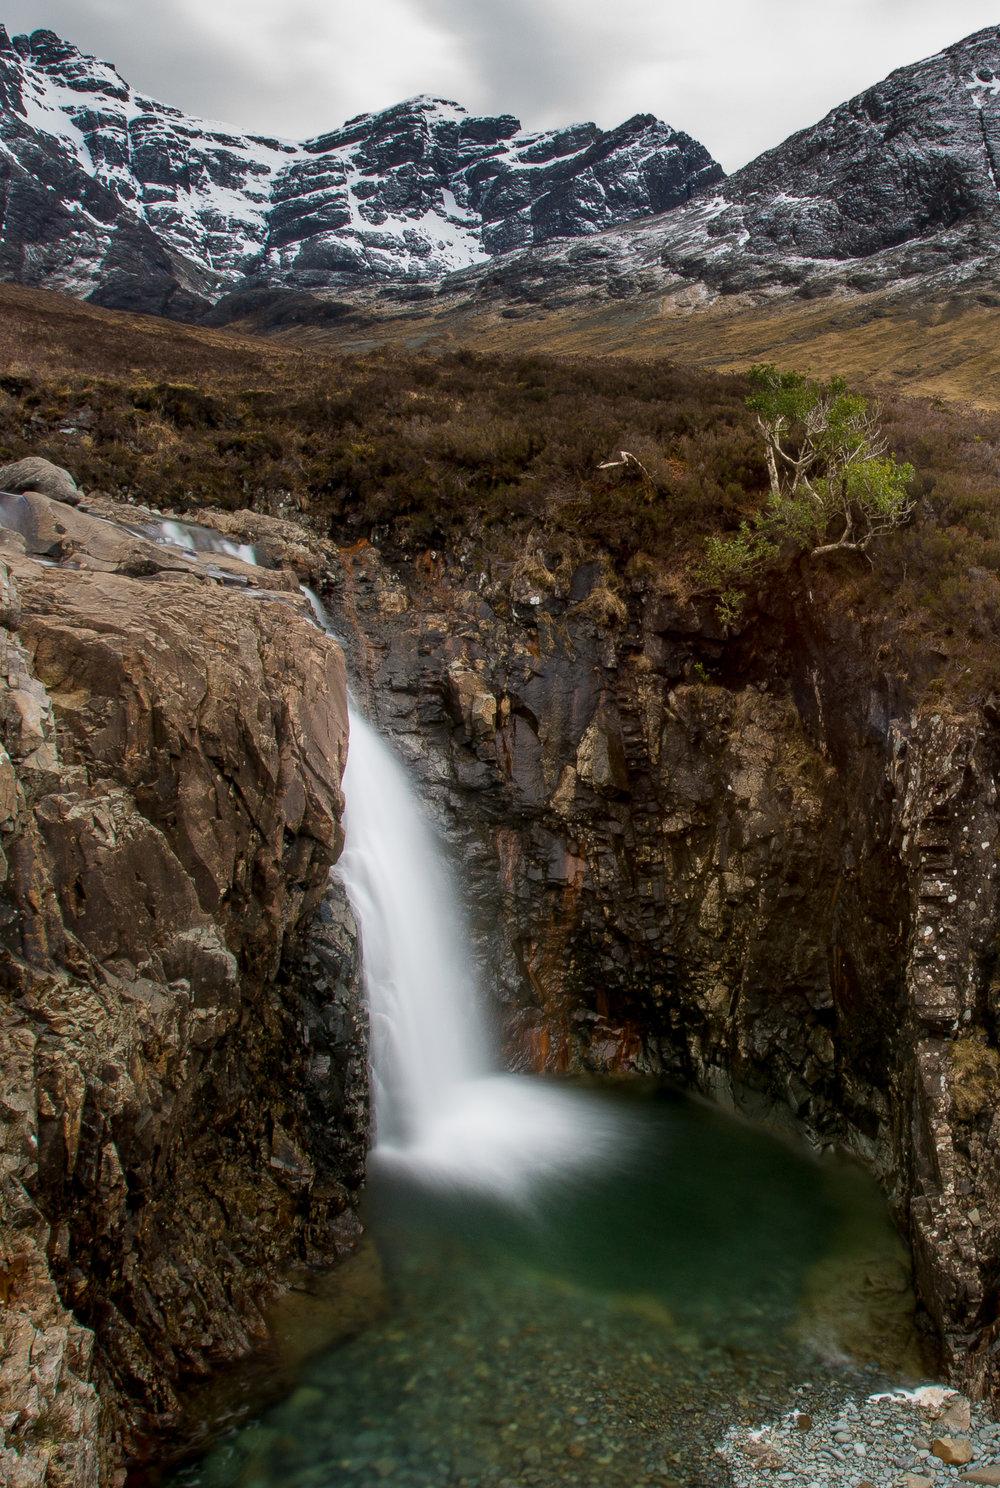 nicole-daacke-photography-scottish-highlands-elopement-wedding-photographer-isle-of-skye-elopement-photography-scotland-landscape-photography-culloden-inverness-stirling-destination-wedding-united-kindgom-wedding-photographer-30.jpg